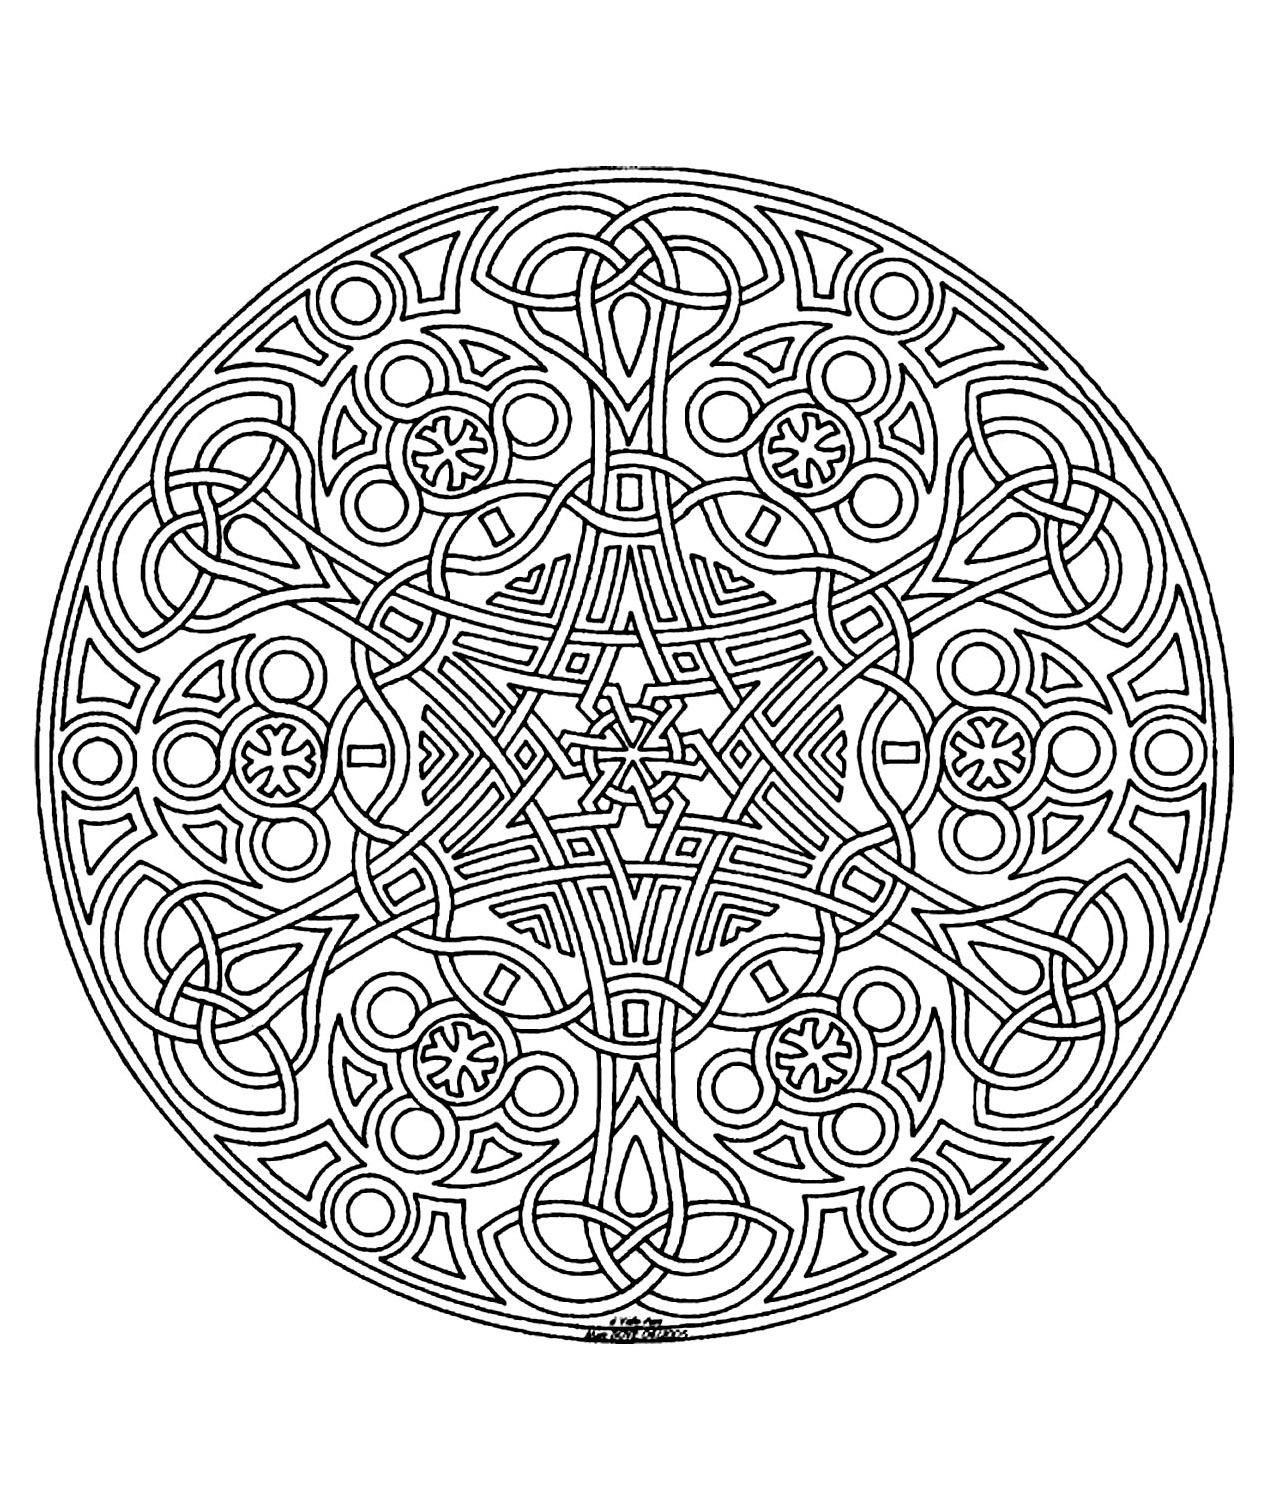 Coloriage Zen Difficile.Mandala A Colorier Difficile 8 Mandalas Difficiles Pour